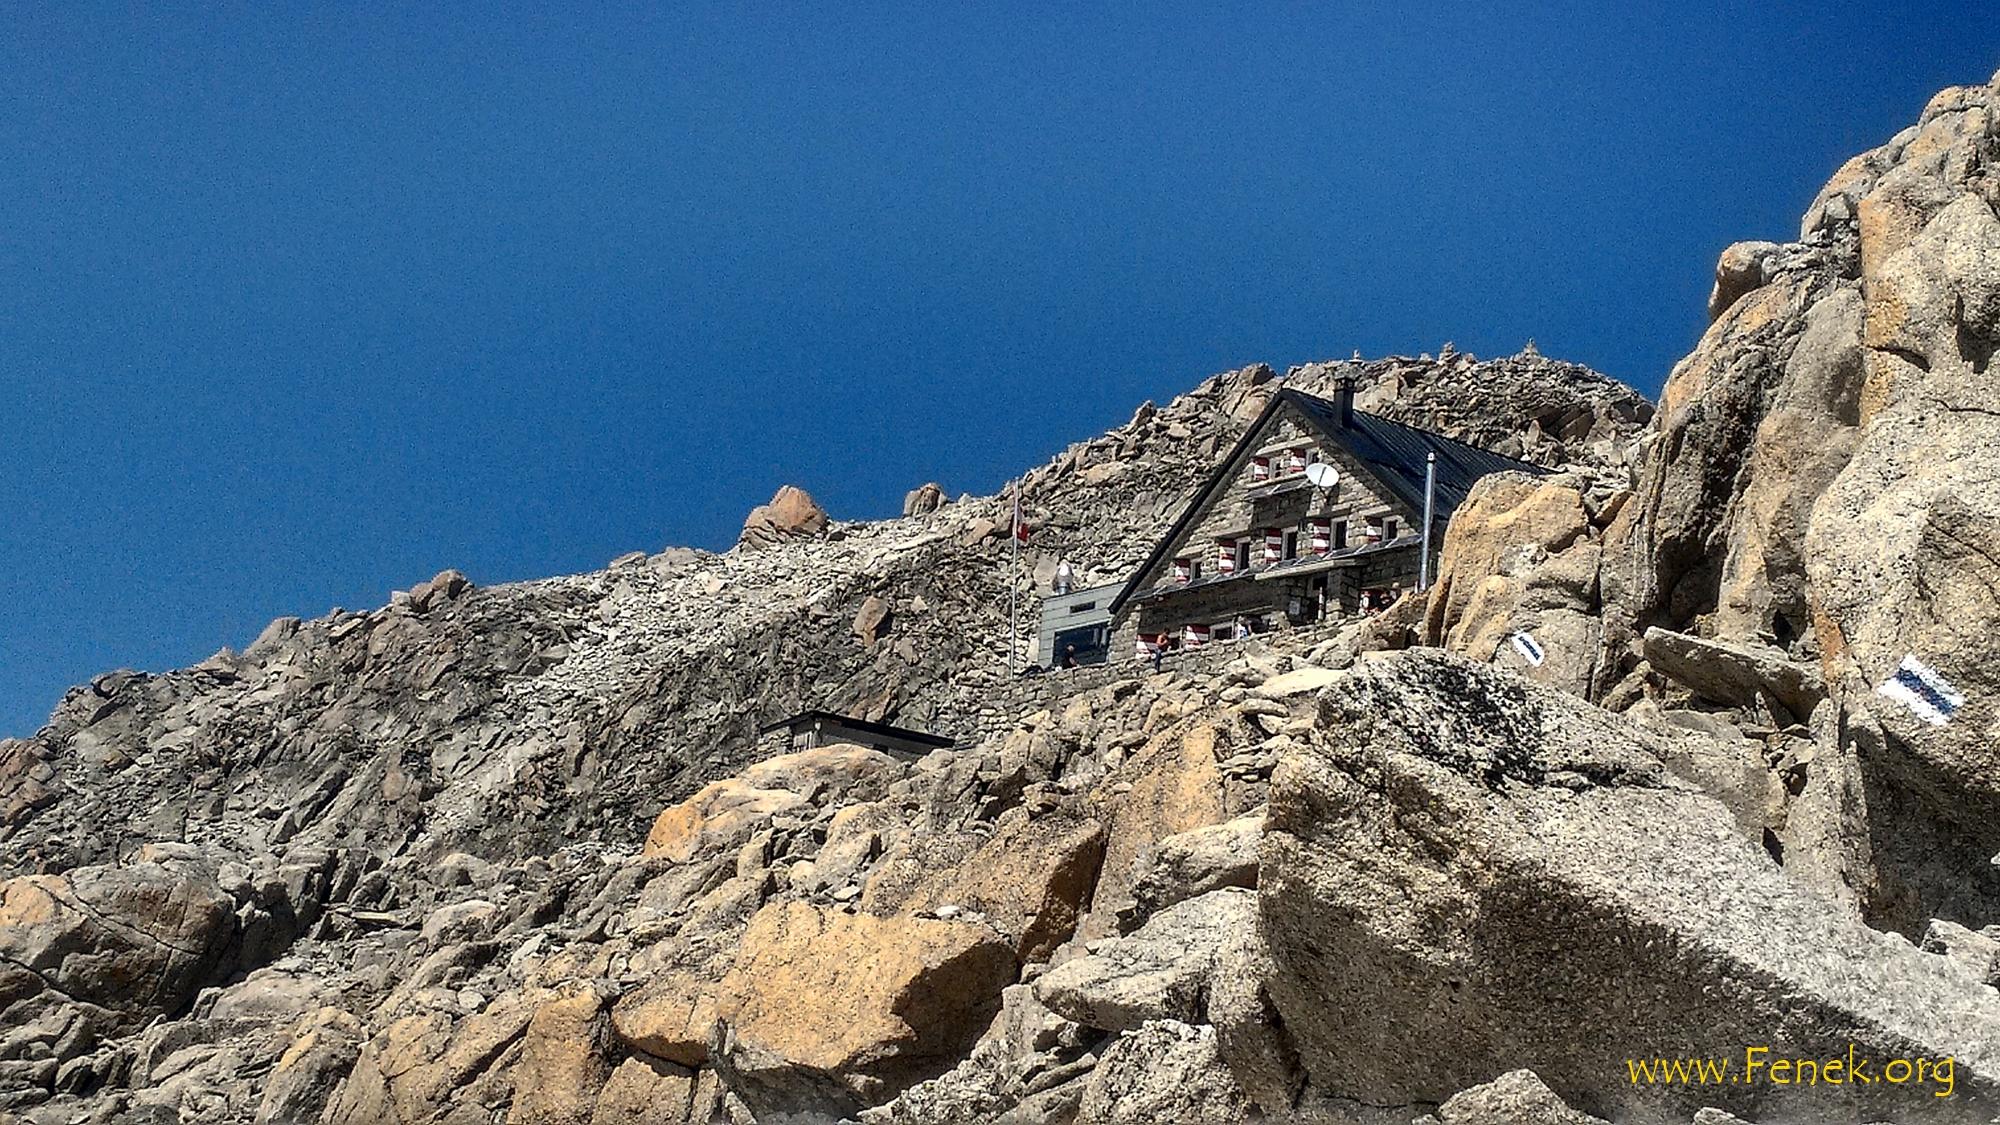 Cabane du Trient und der Gipfel der Pointe d'Orny ist auch sichtbar (Steinmann)